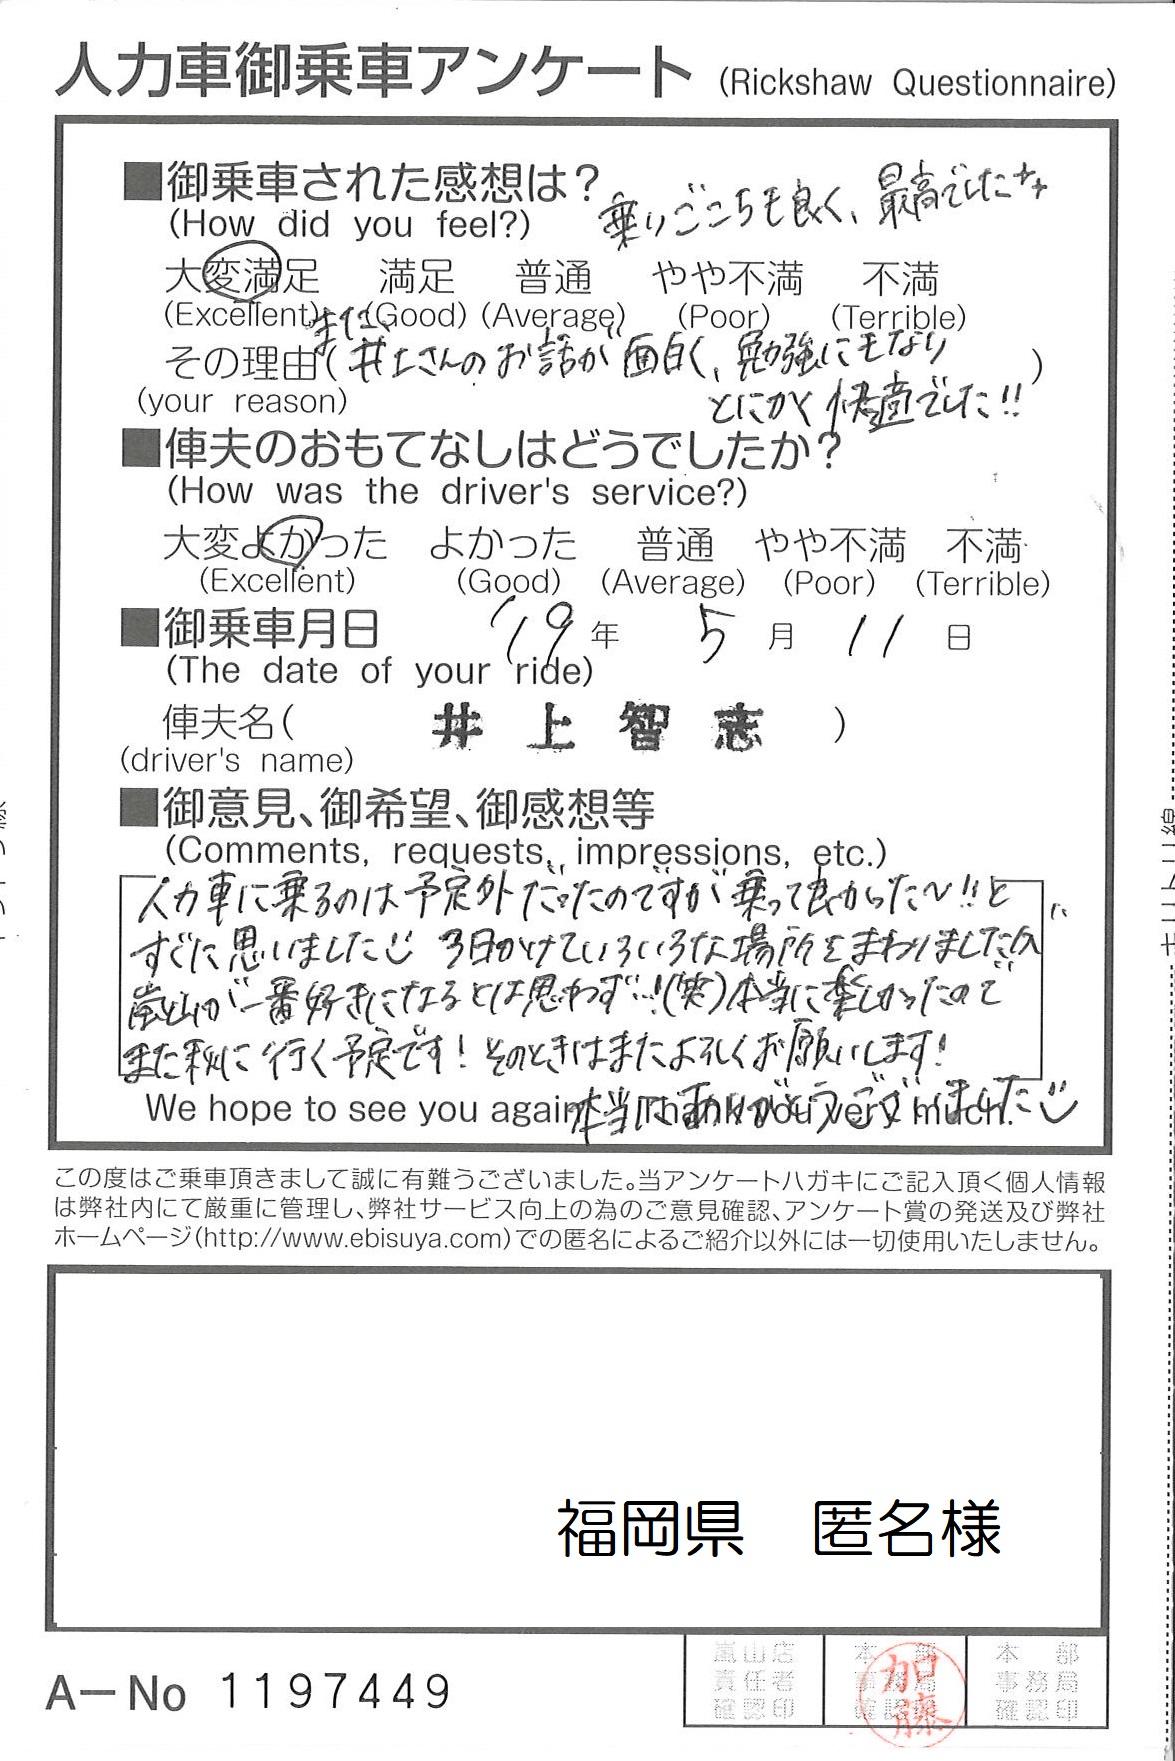 福岡県 匿名様